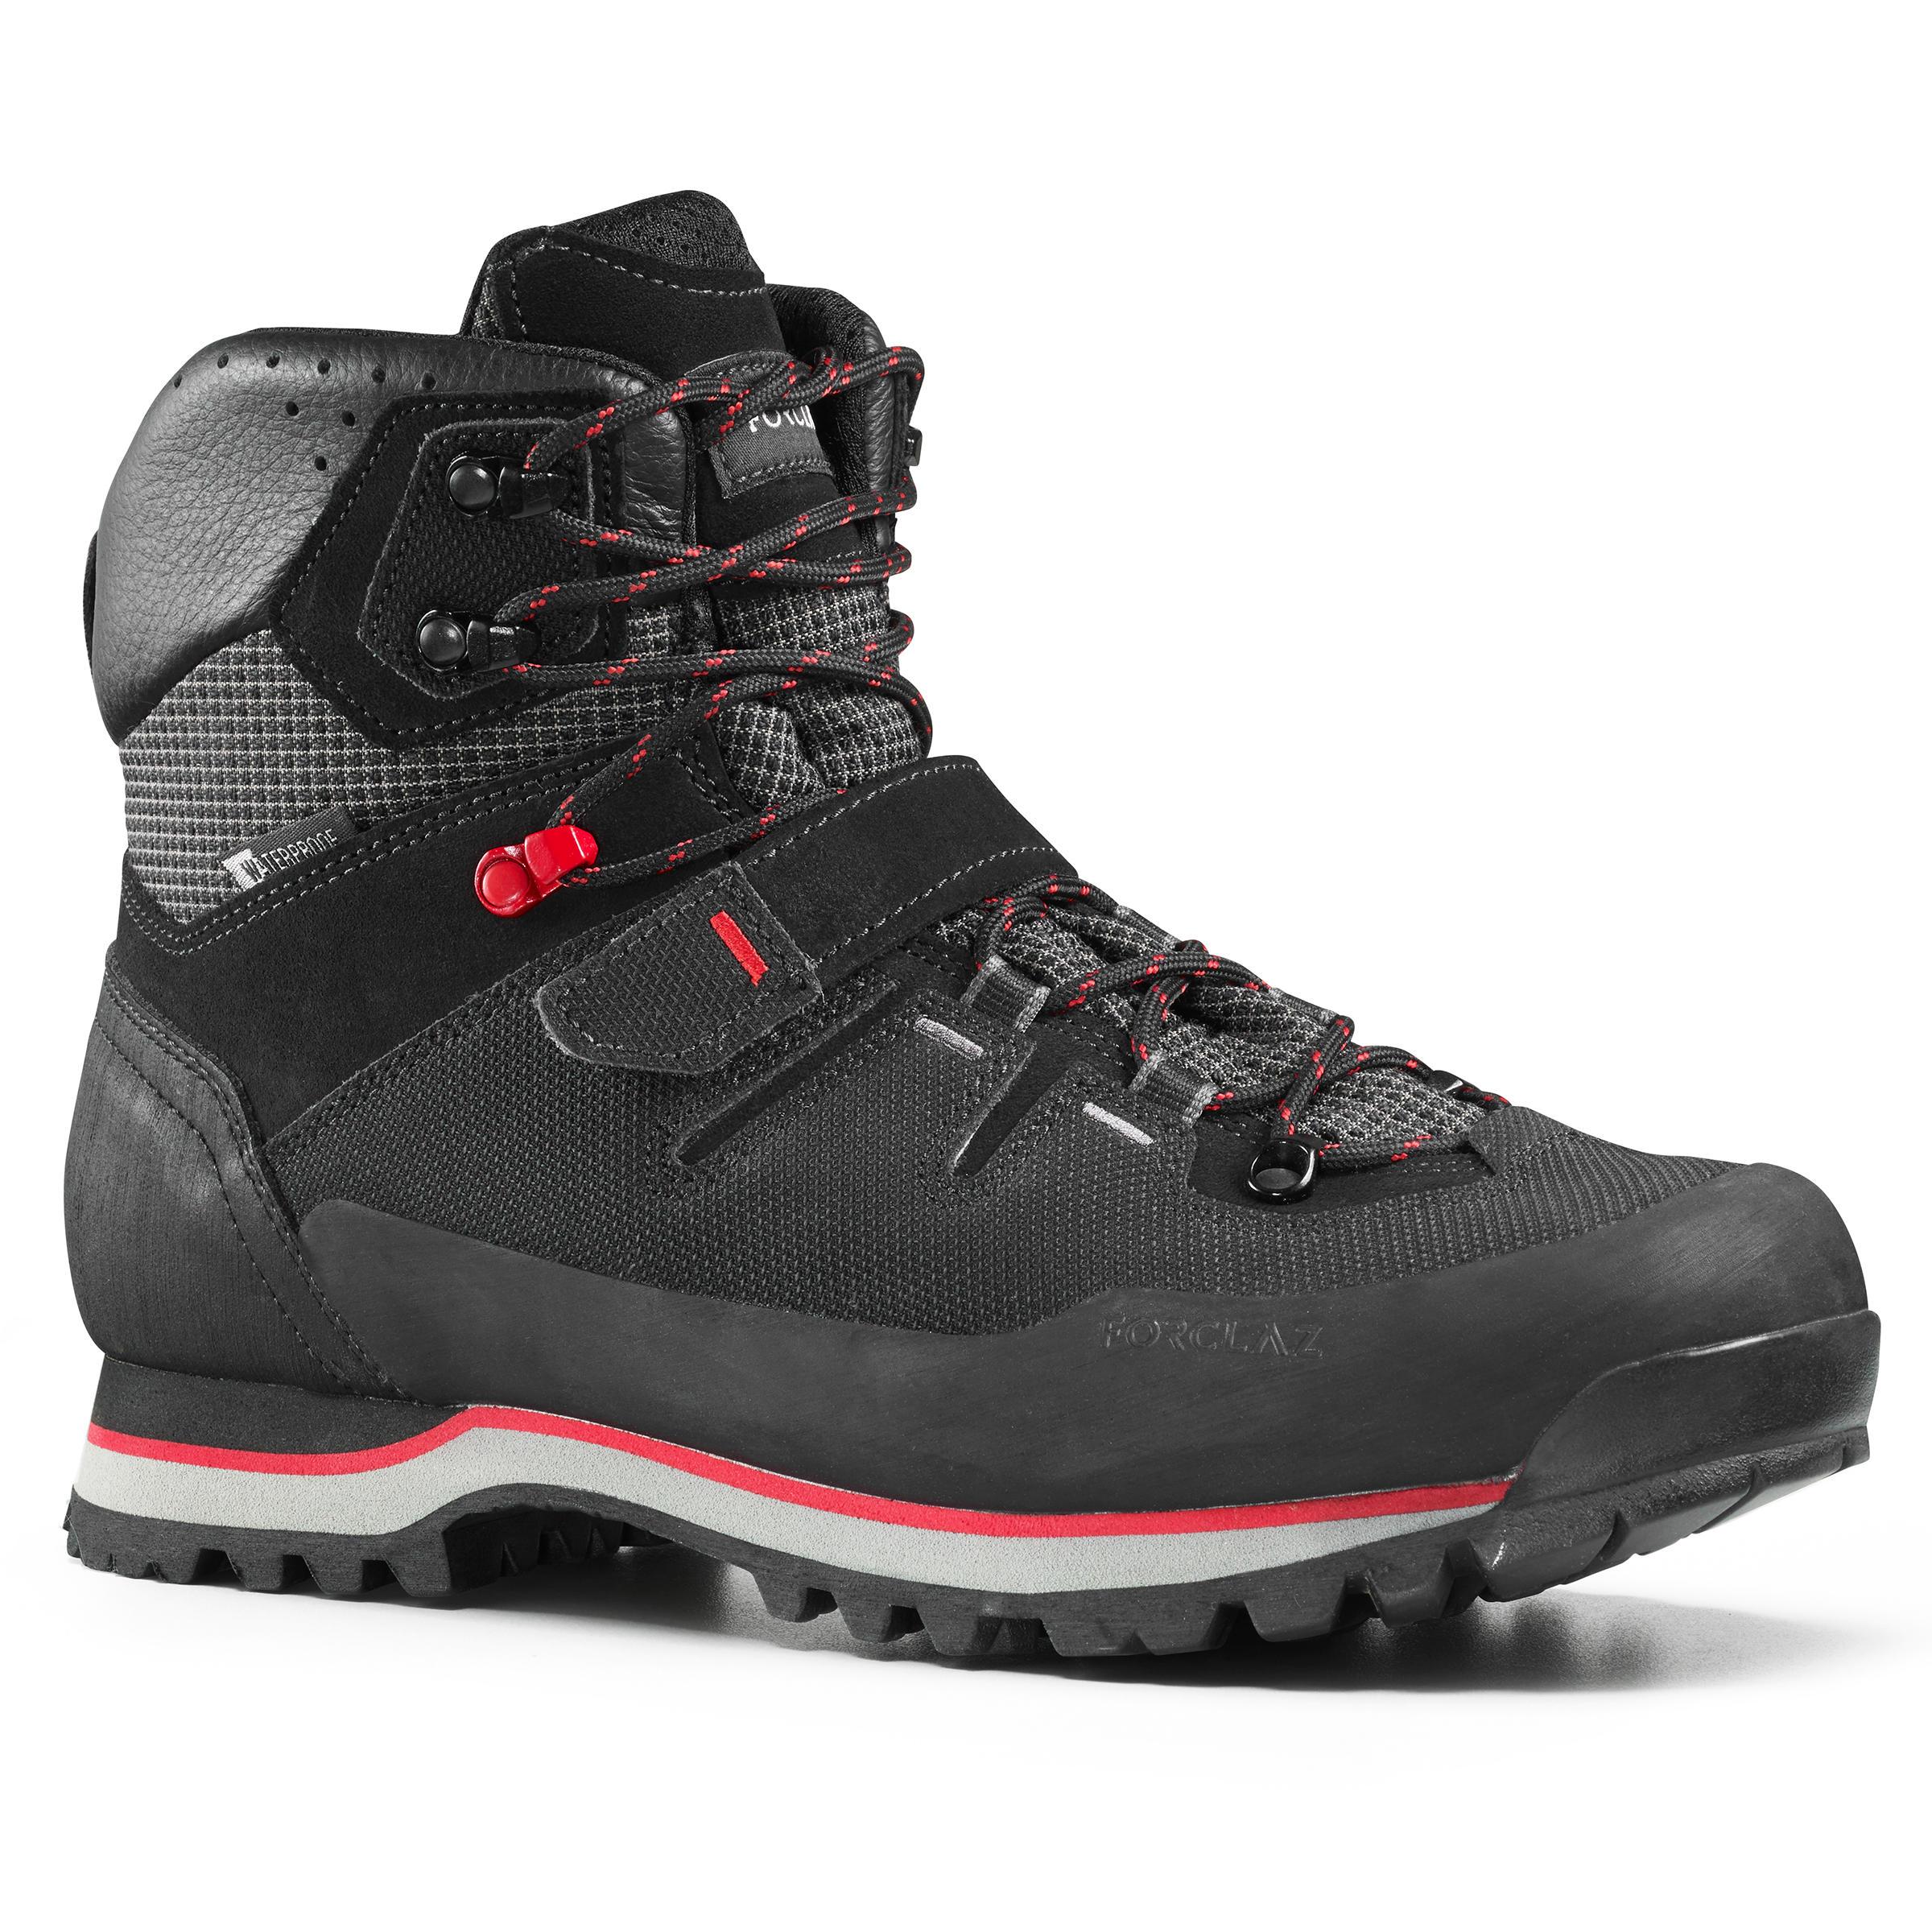 Trekkingschuhe Trek 700 Herren   Schuhe > Outdoorschuhe > Trekkingschuhe   Forclaz